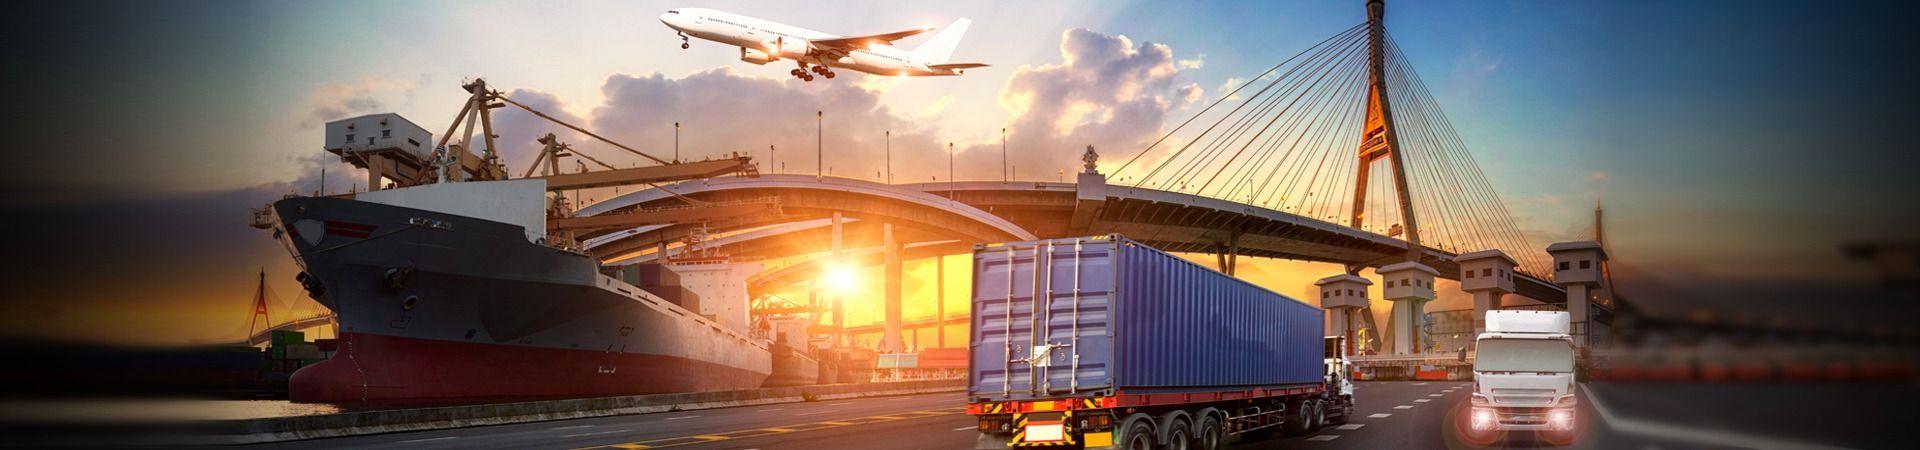 Servicio de Transportación Marítima, Aérea y Terrestre